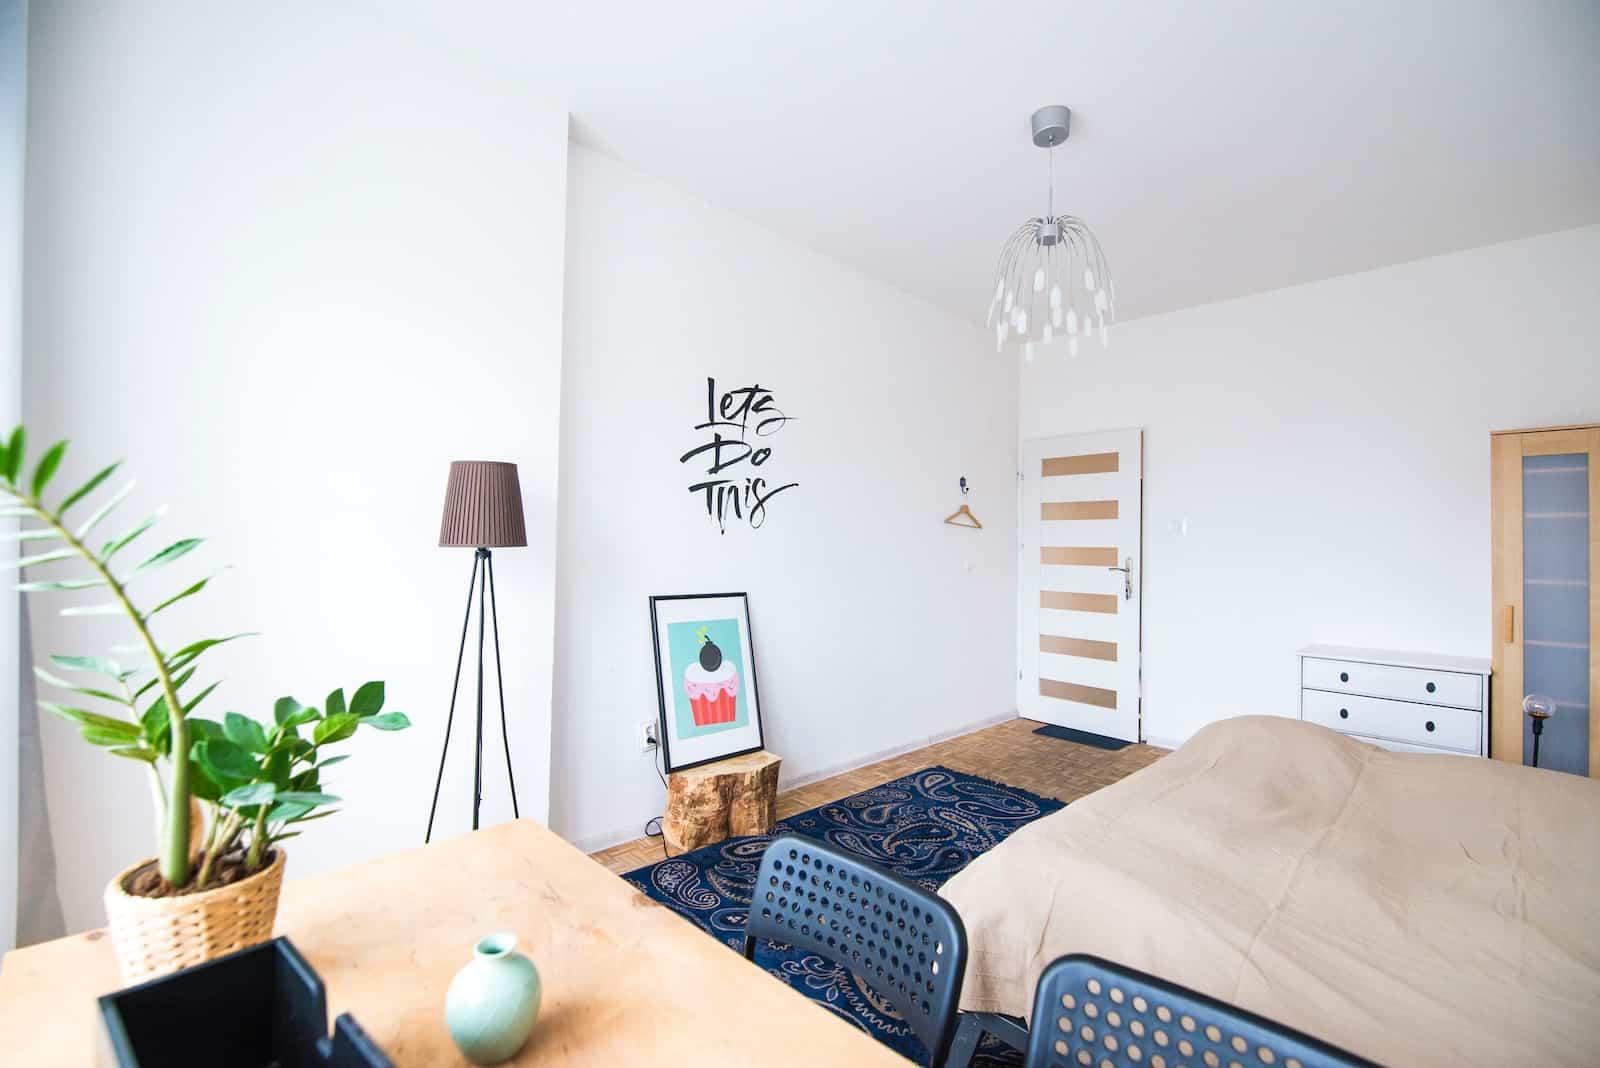 Cómo decorar tu habitación sin gastar mucho dinero